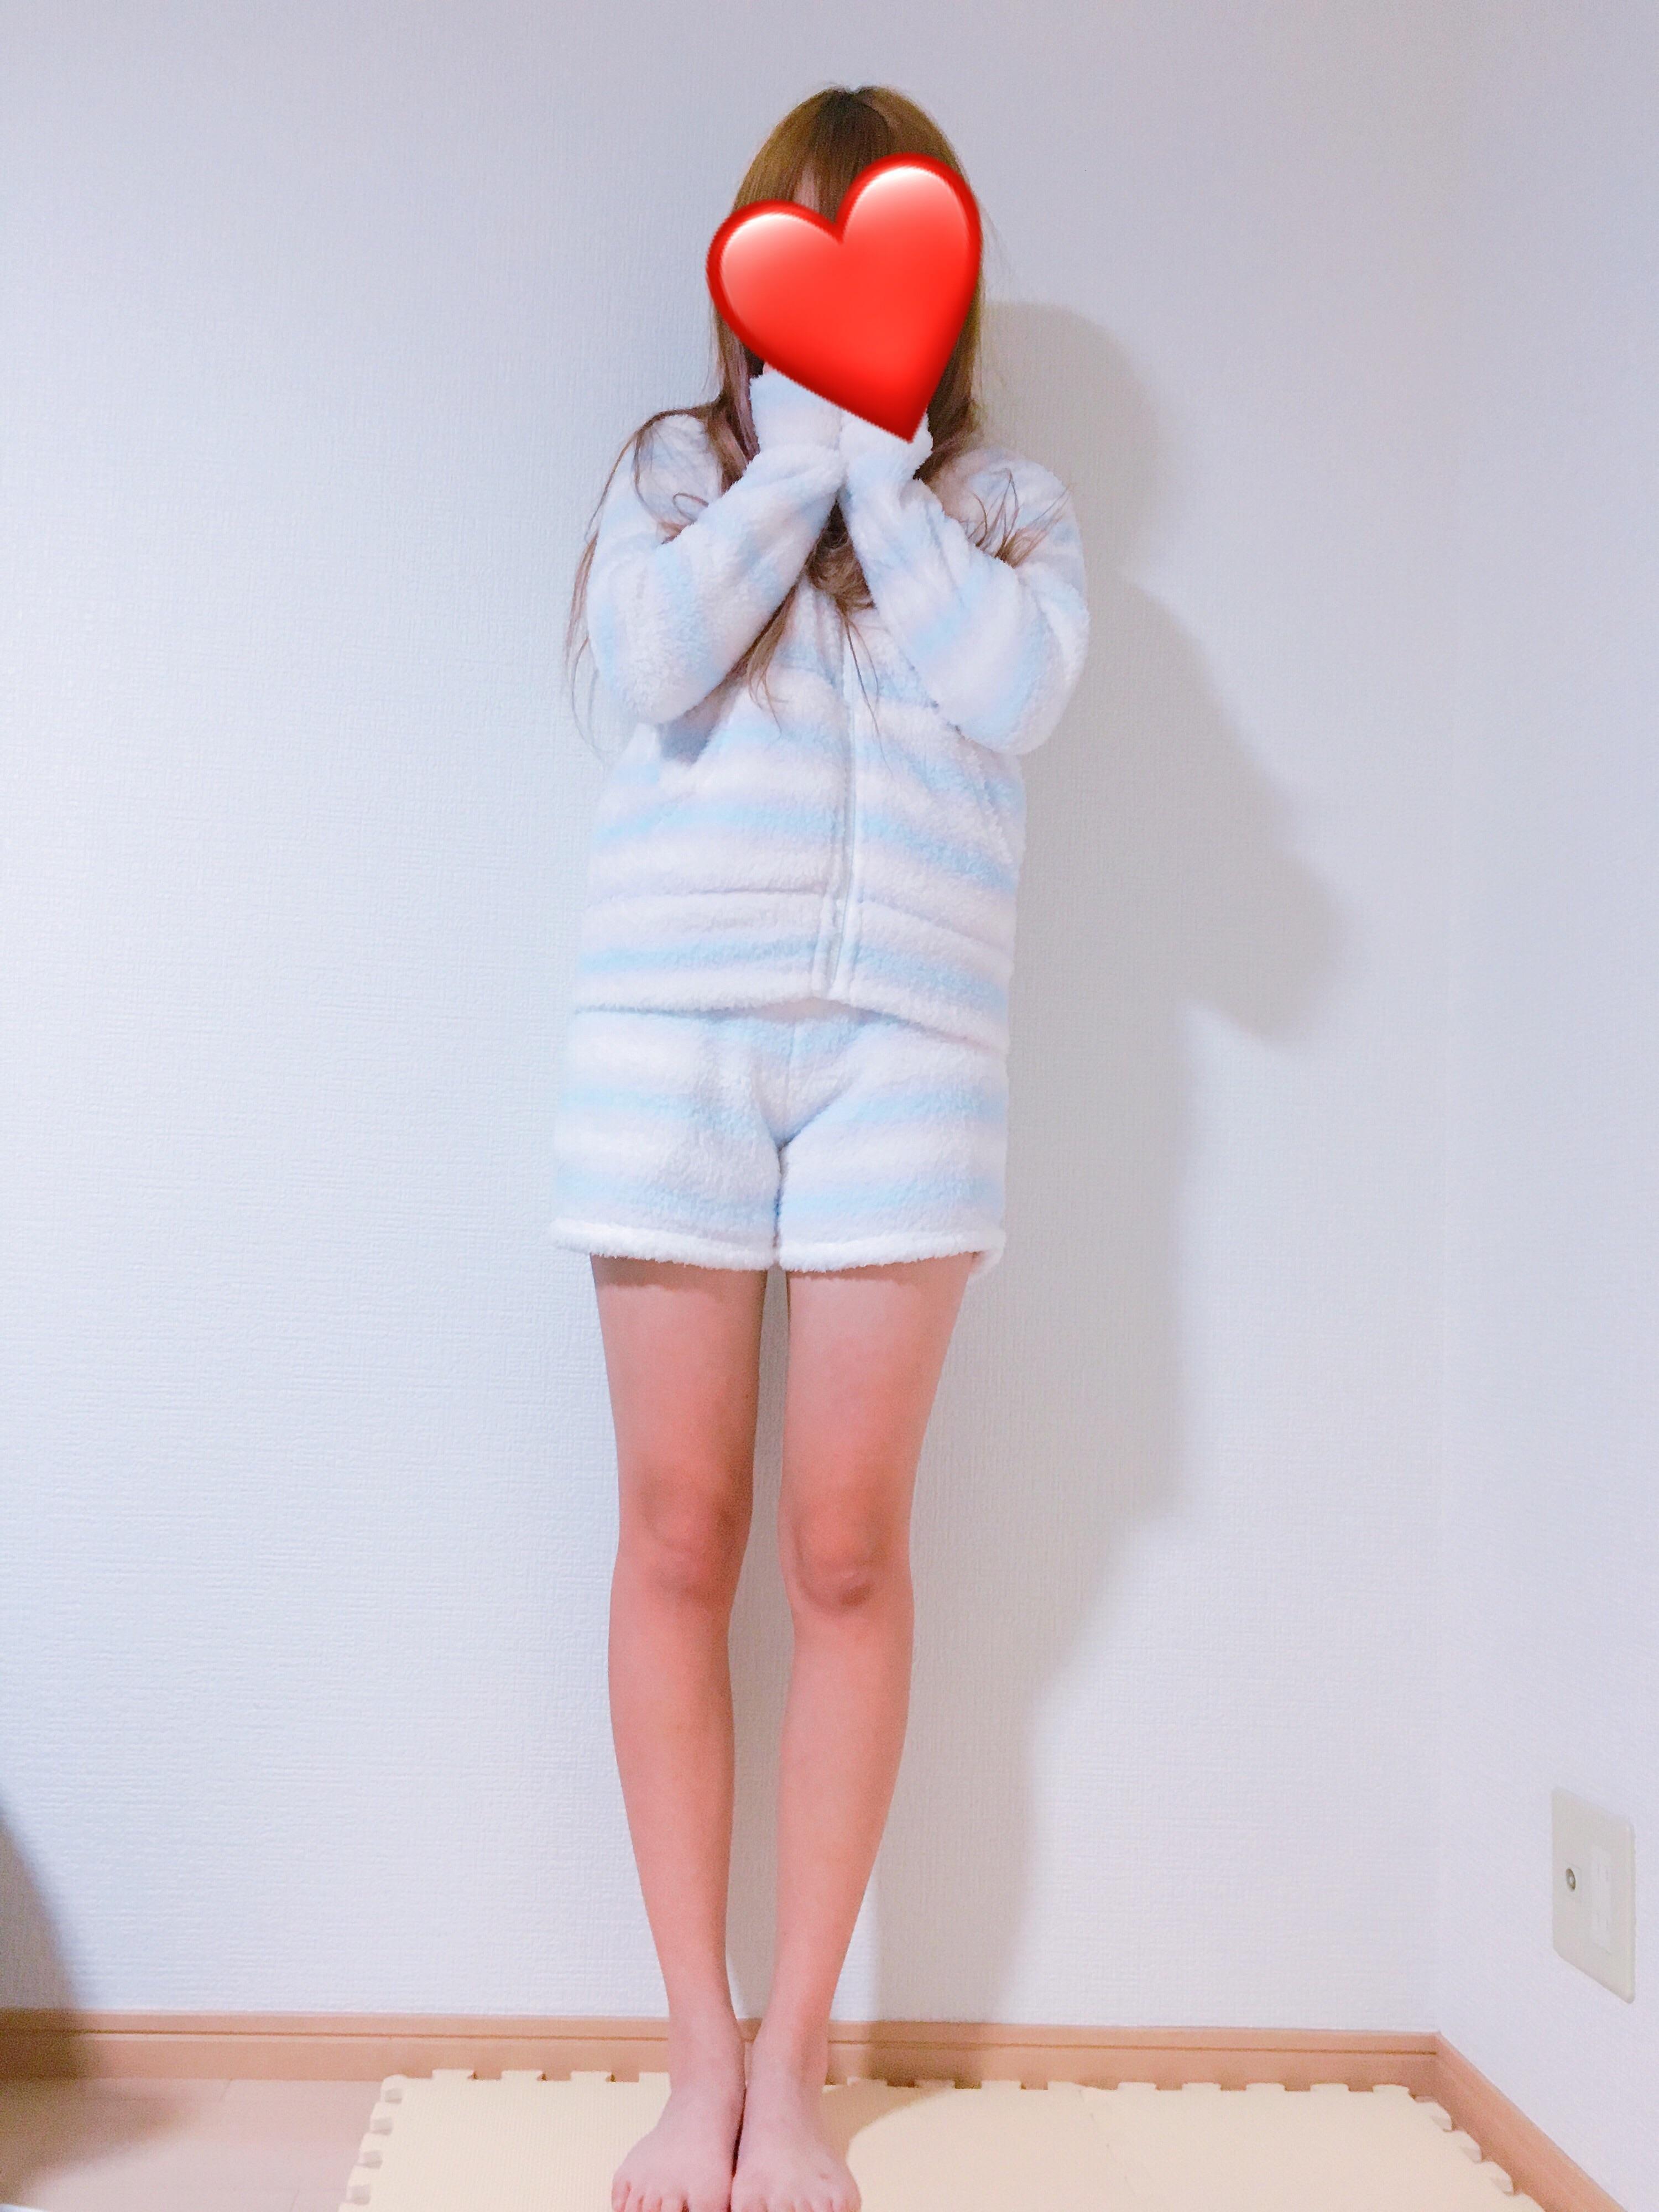 「るんるんっ」12/10(月) 02:56   るるの写メ・風俗動画